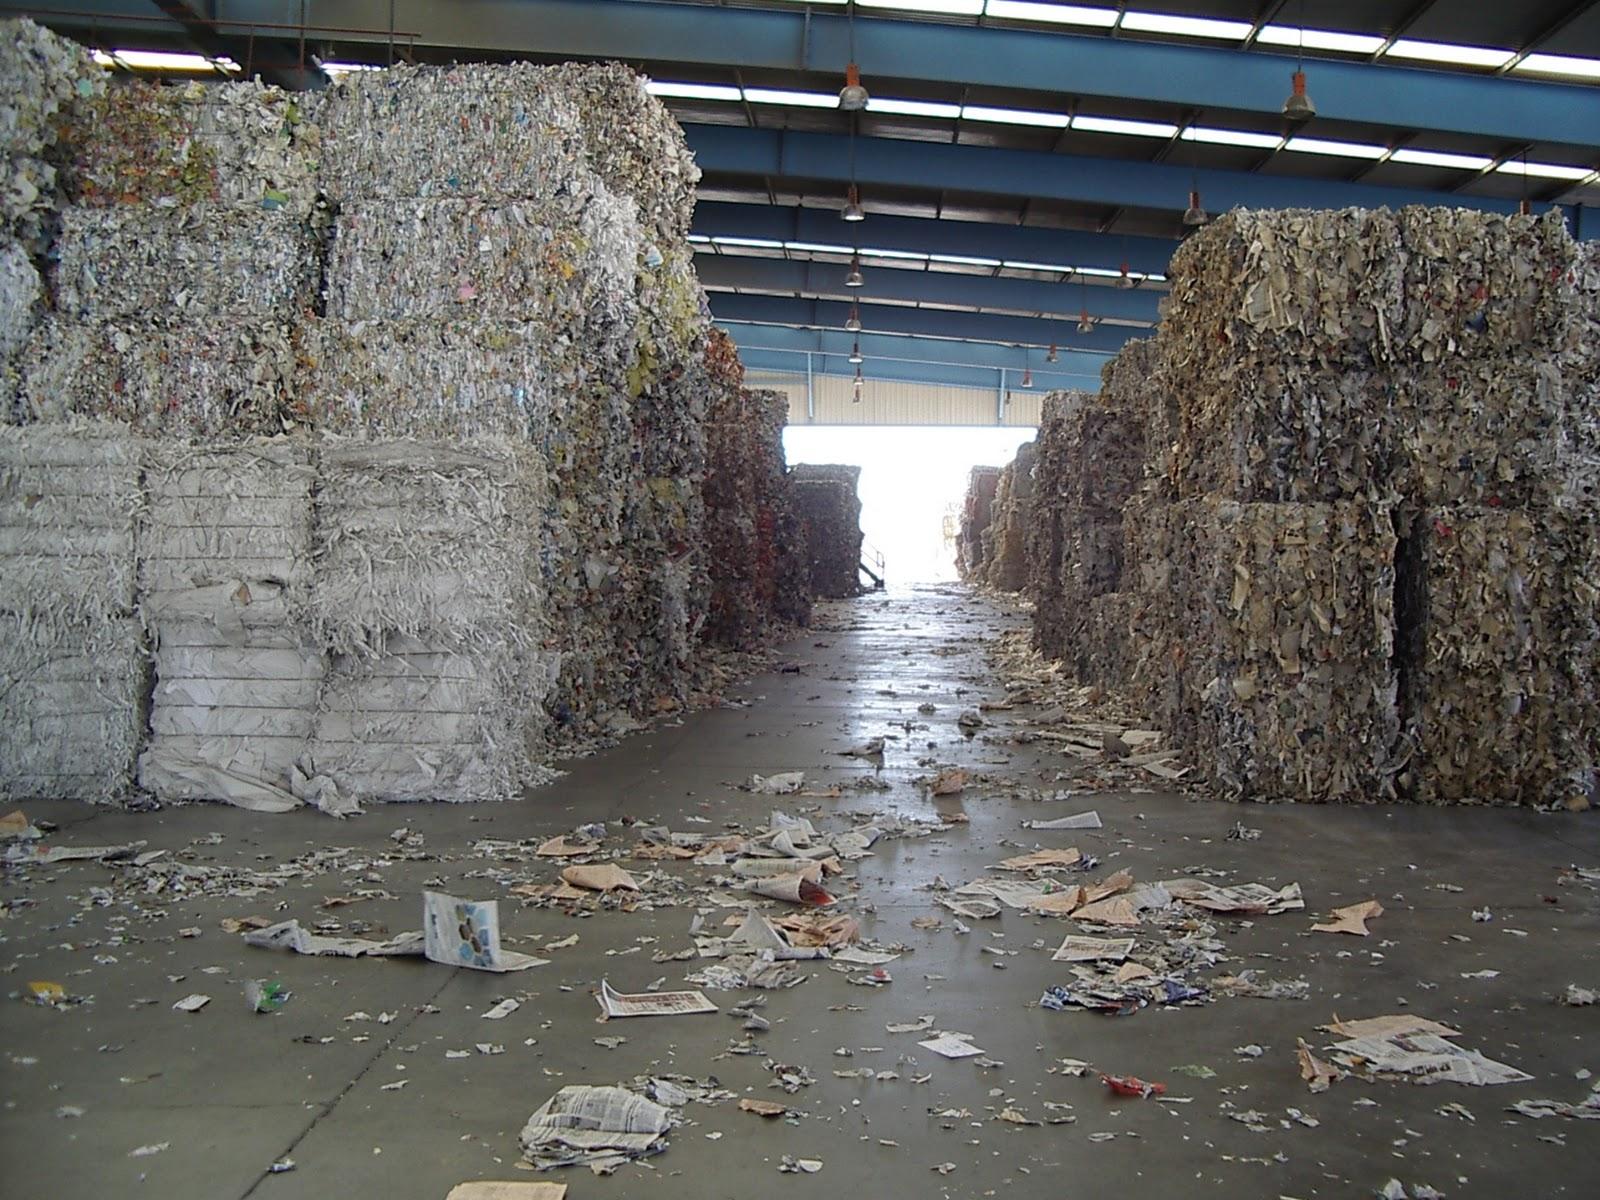 Economia circular y residuos recogidas casi 5 millones de - Reciclaje de la madera ...